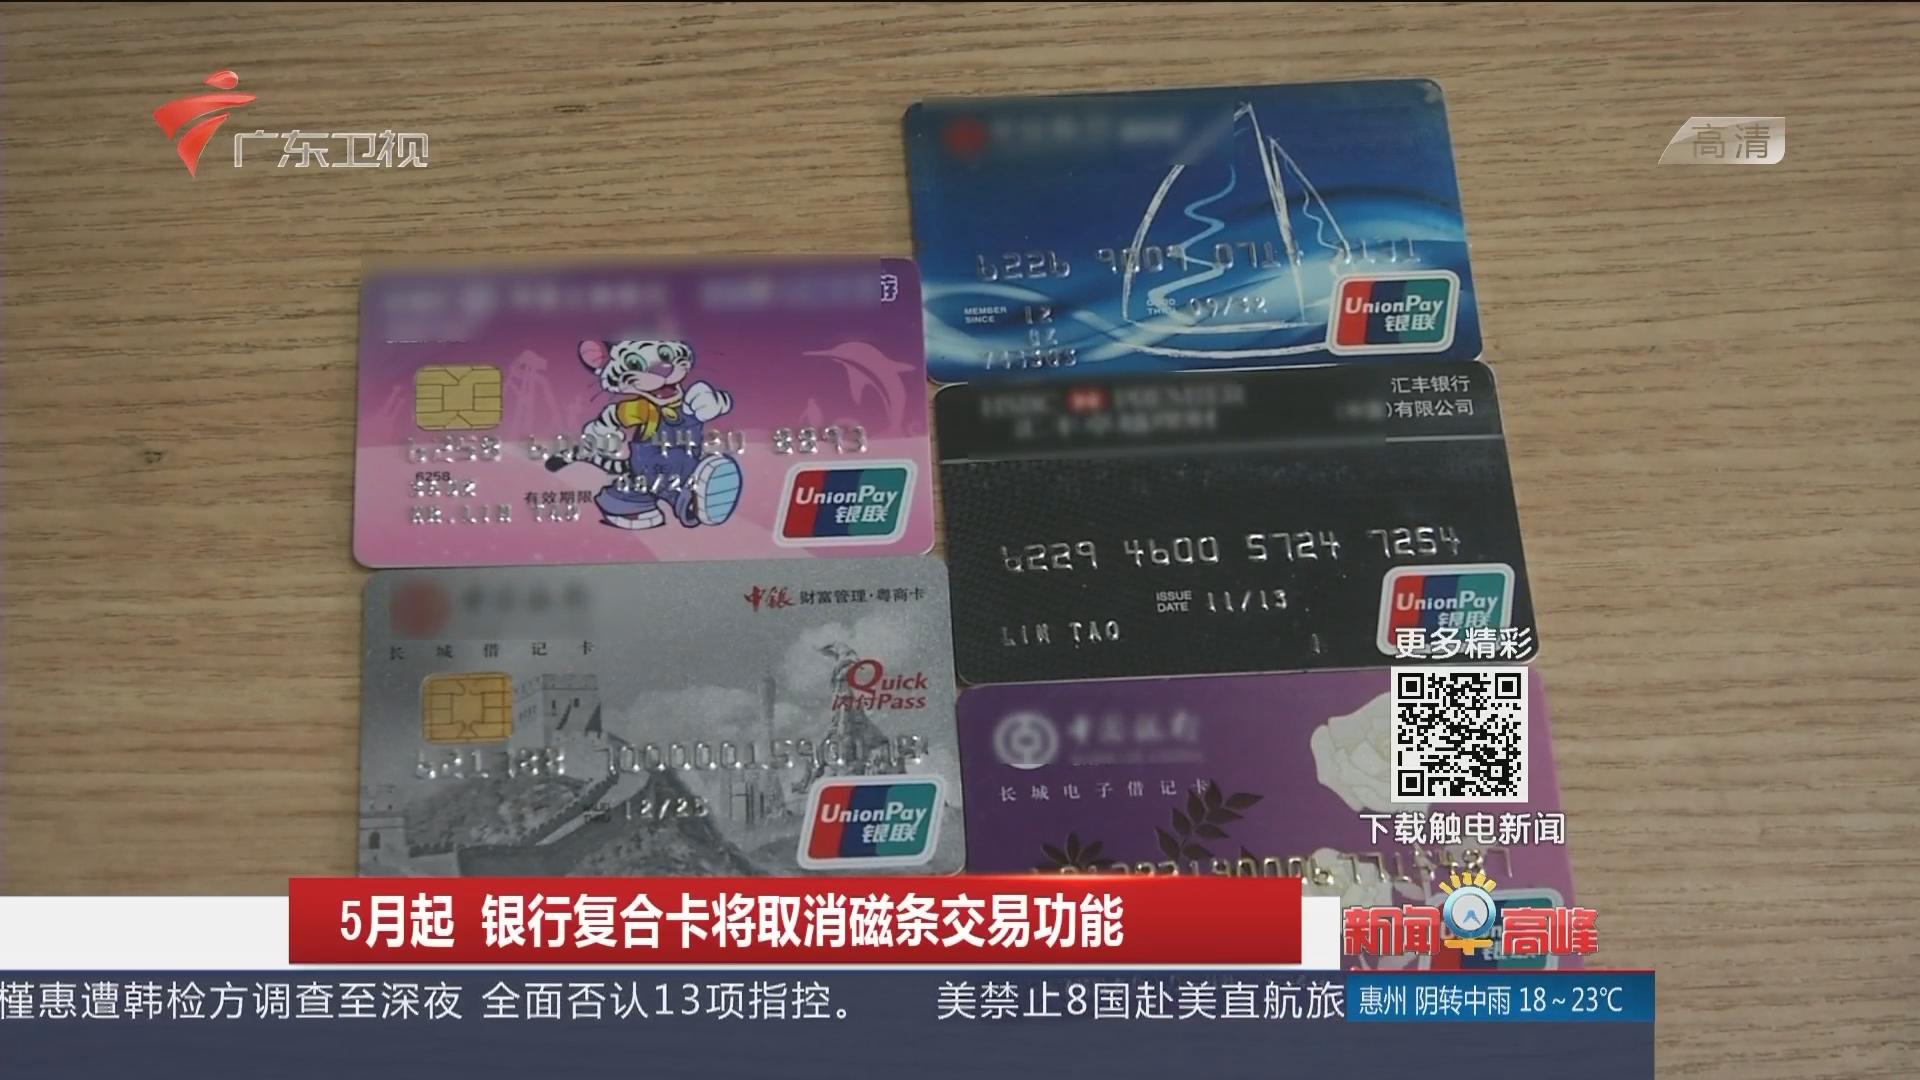 5月起 银行复合卡将取消磁条交易功能